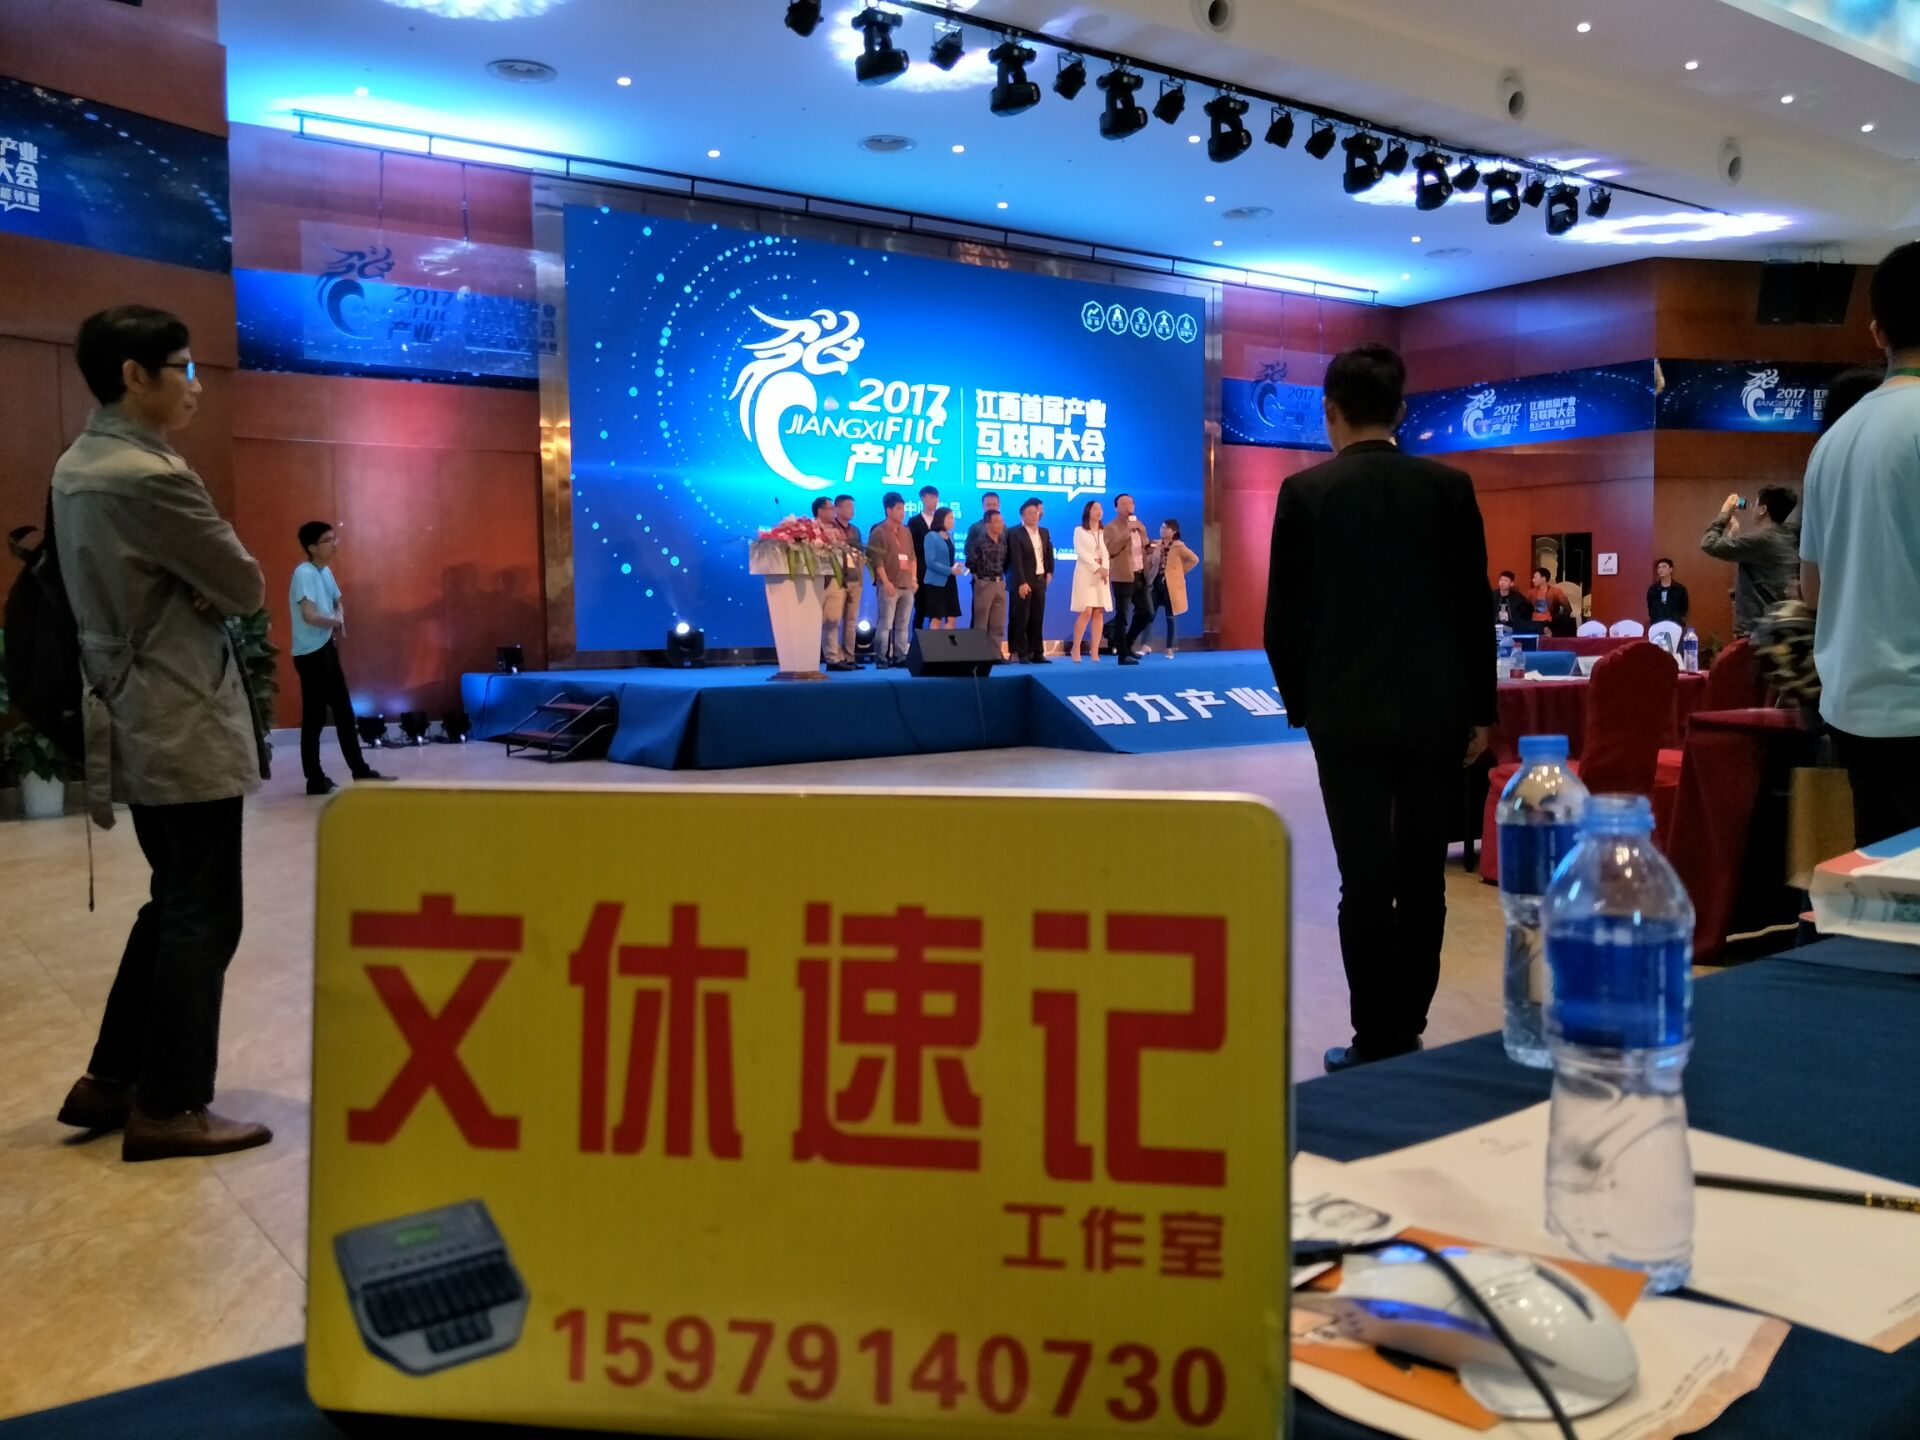 江西首届产业互联网大会